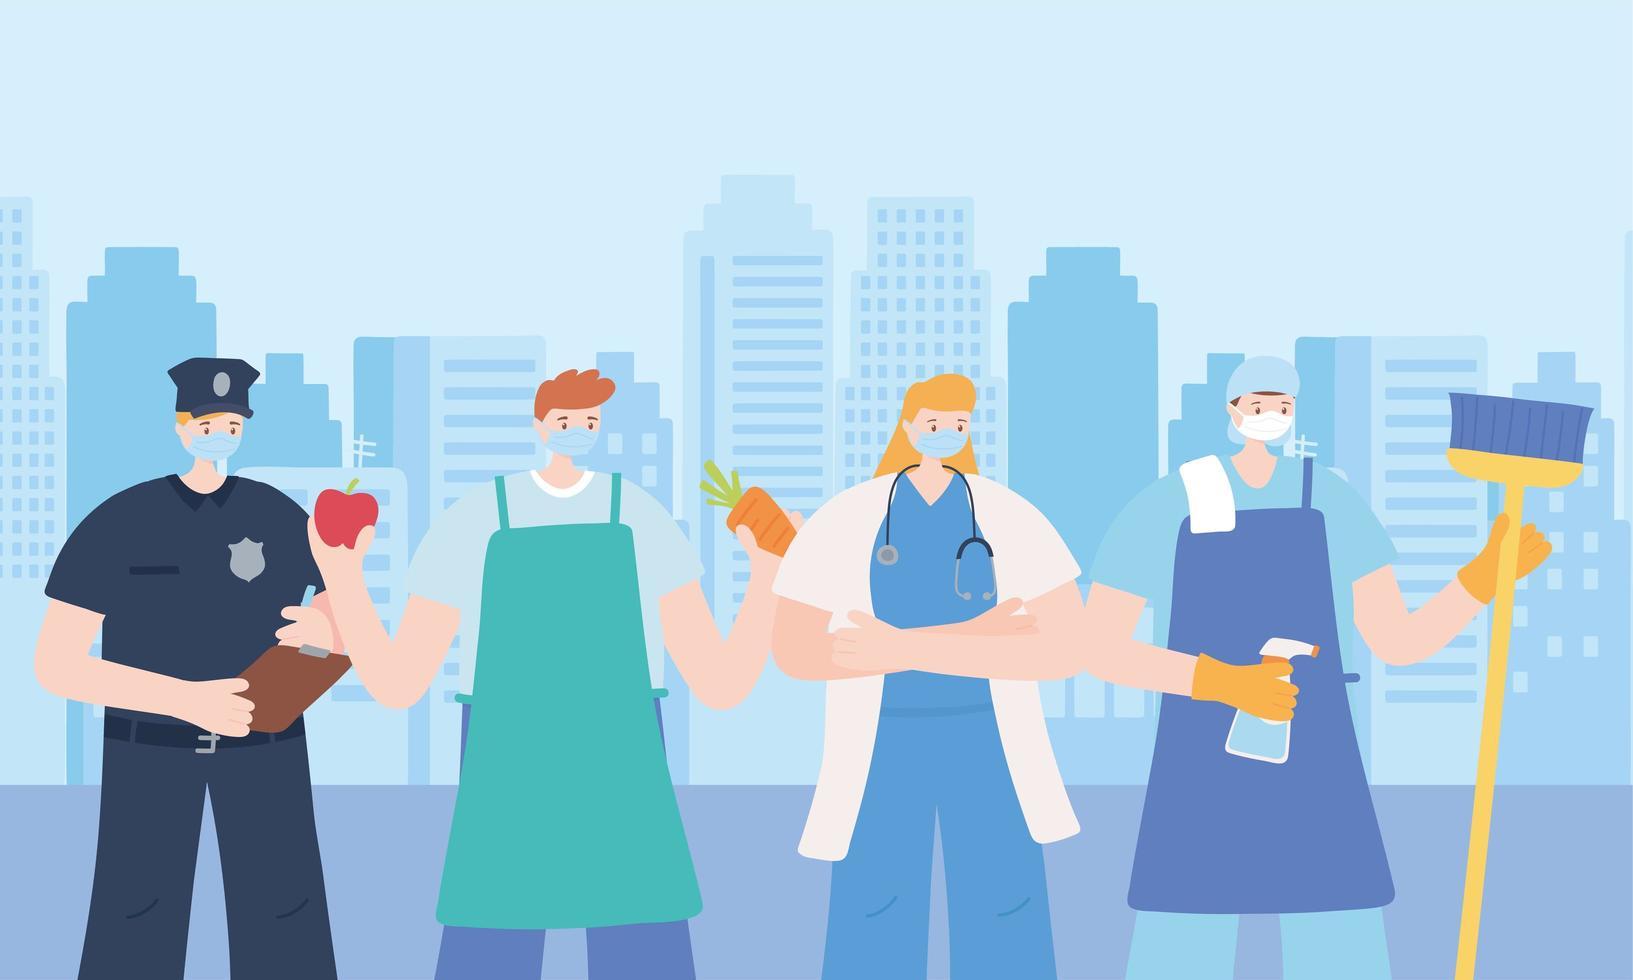 quattro lavoratori essenziali sul paesaggio urbano vettore